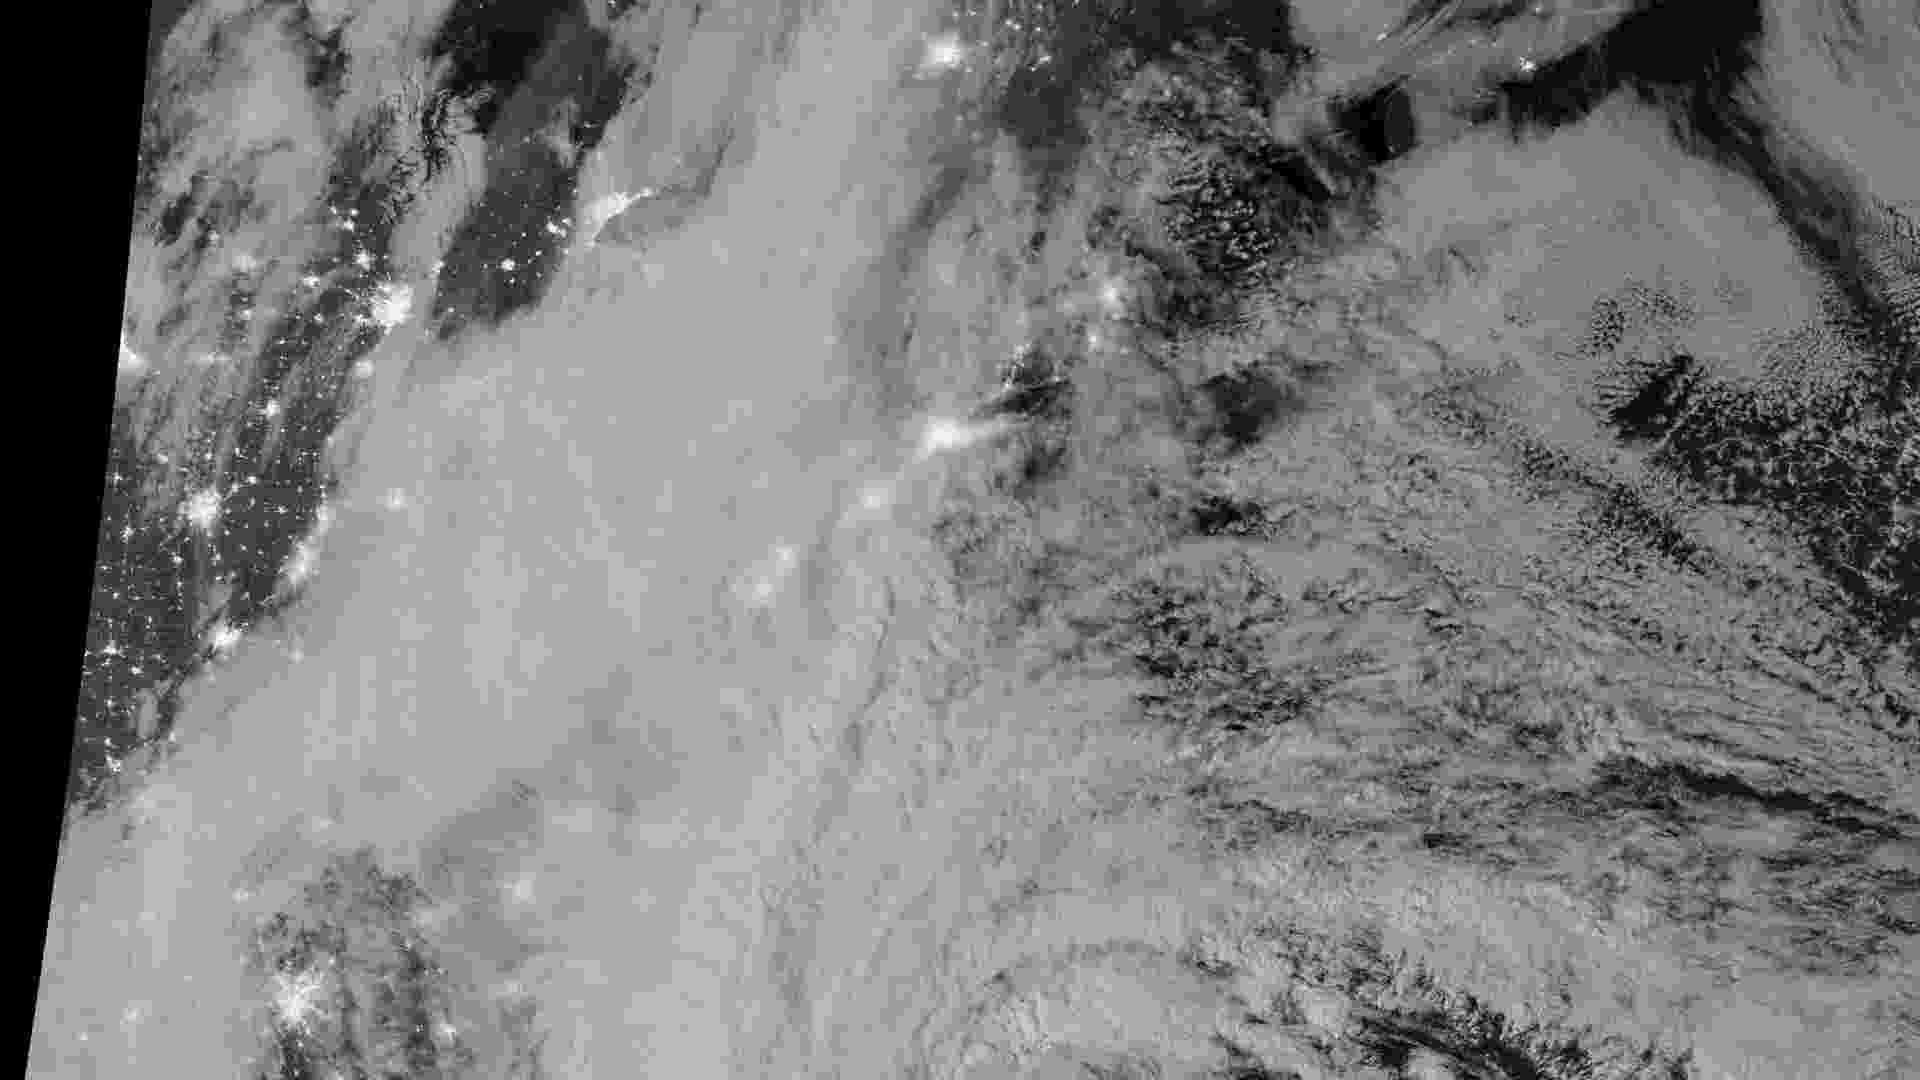 29.out.2012 - Furacão Sandy é retratado por imagens de satélite divulgadas pela Nasa (Agência Espacial Norte-Americana) próximo à costa leste dos EUA - Nasa/Reuters